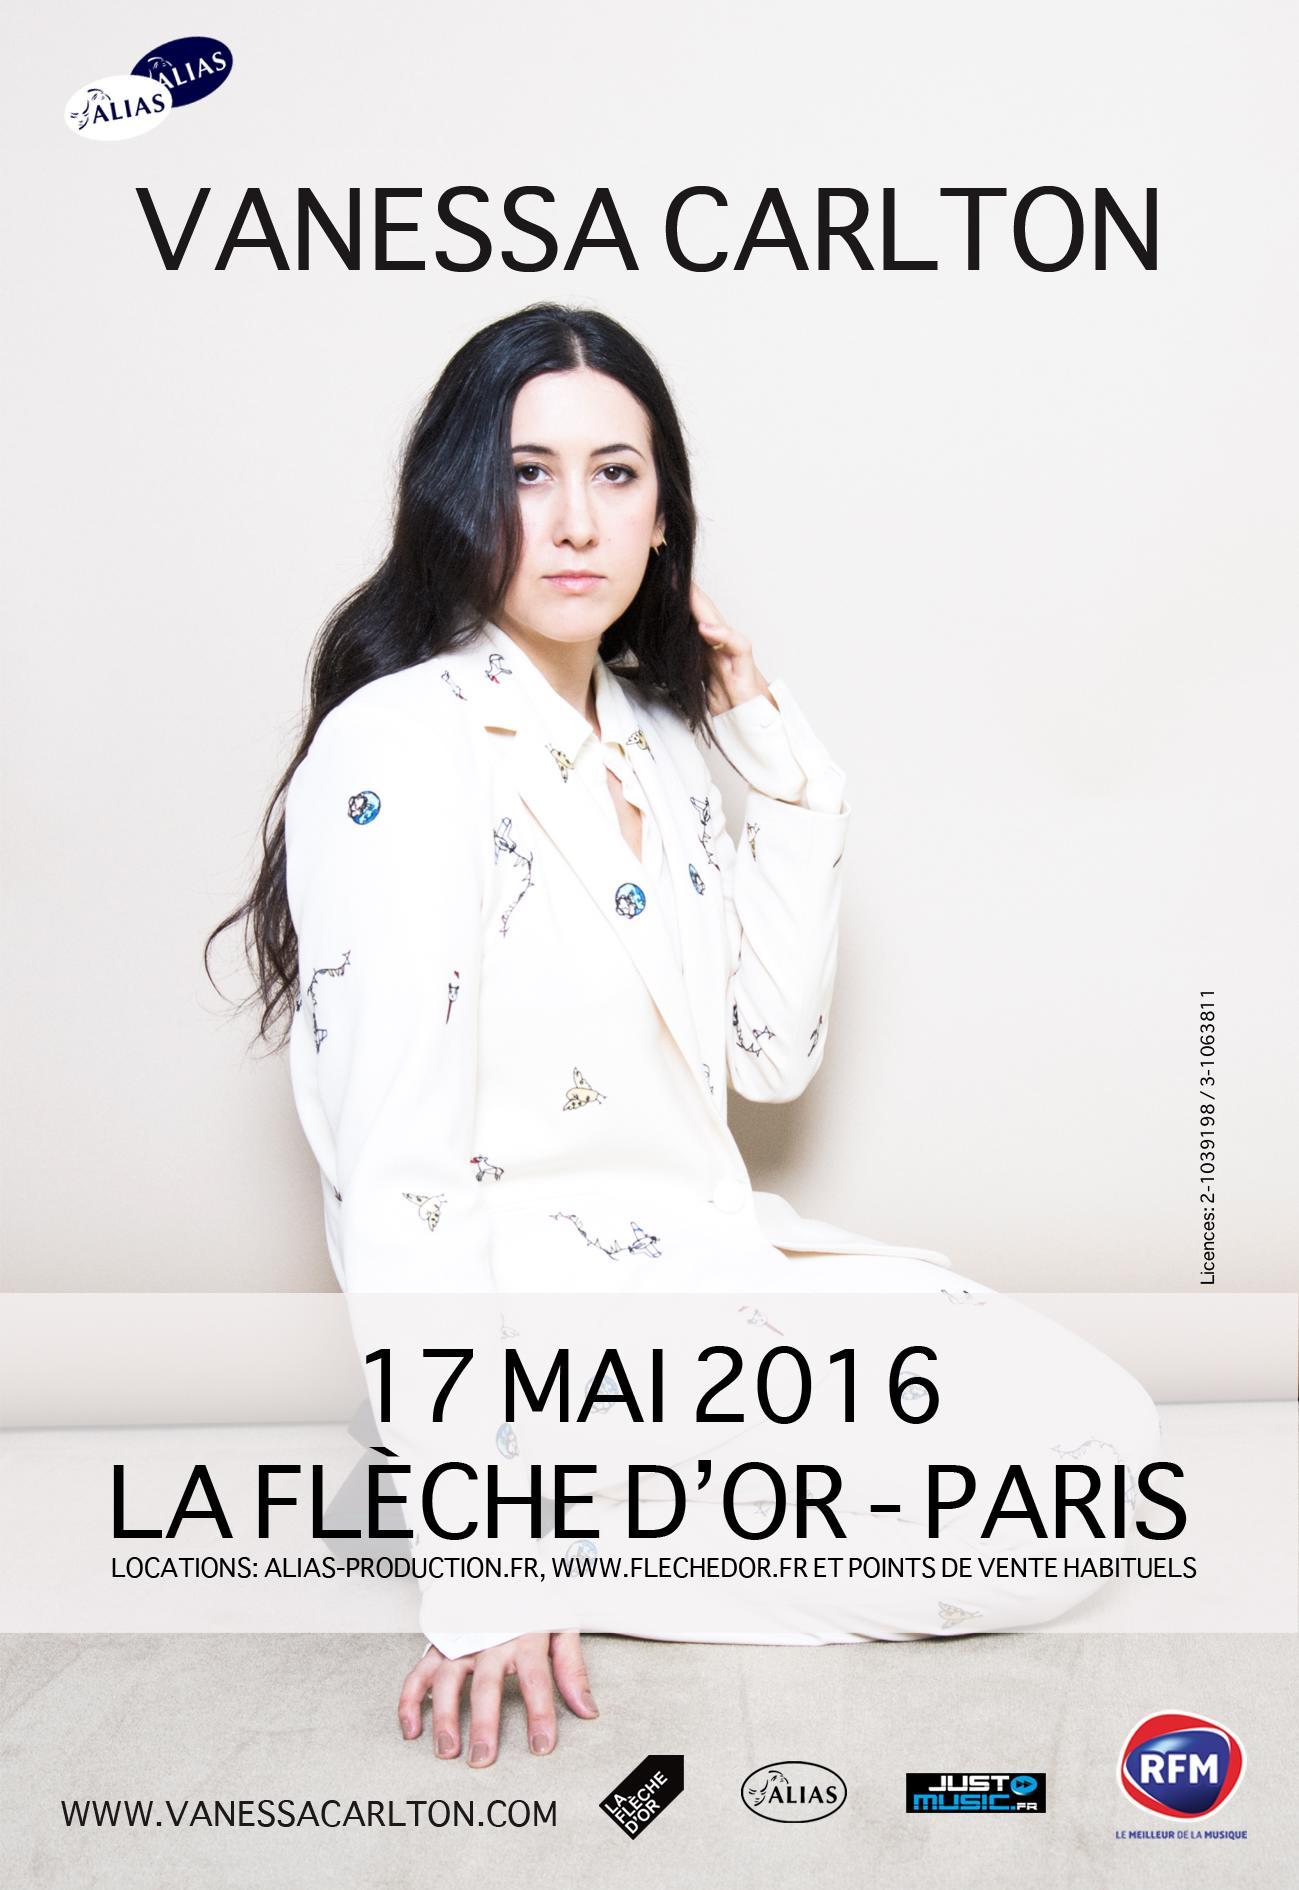 Vanessa Carlton JustMusic.fr